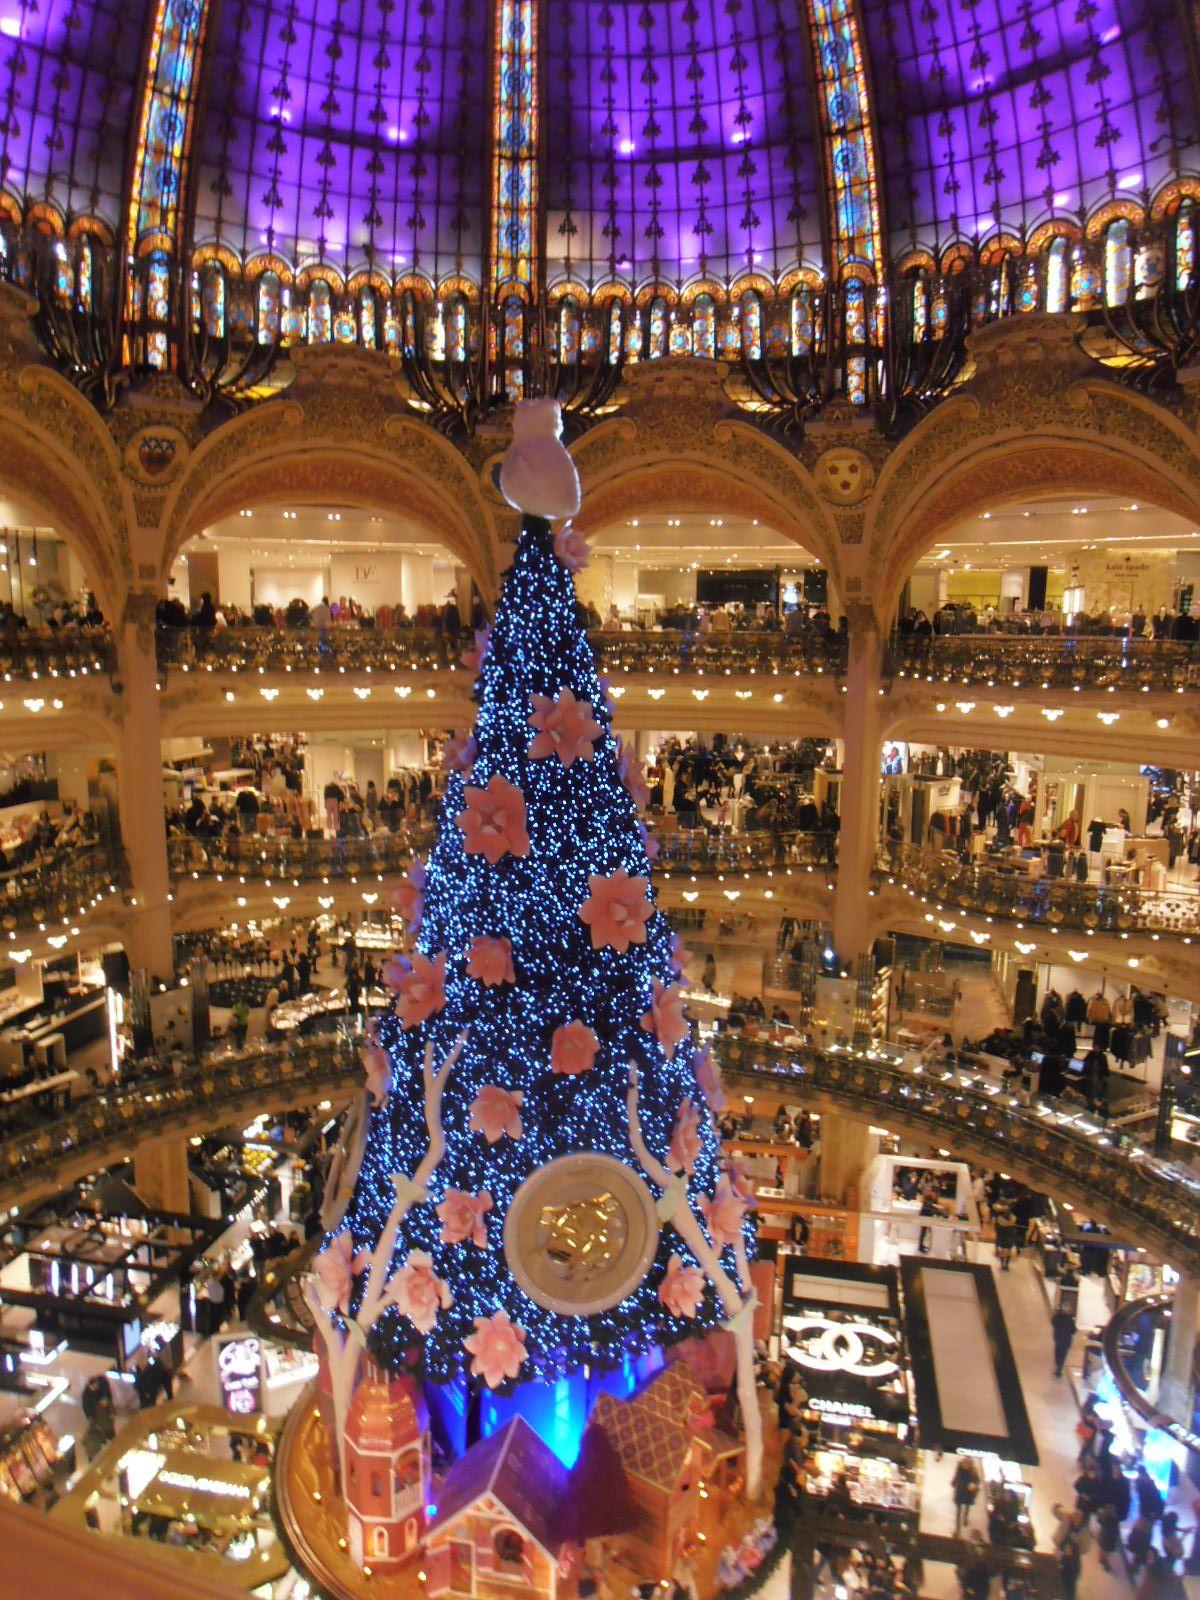 パリからストラスブール経由で2つのクリスマス市めぐり